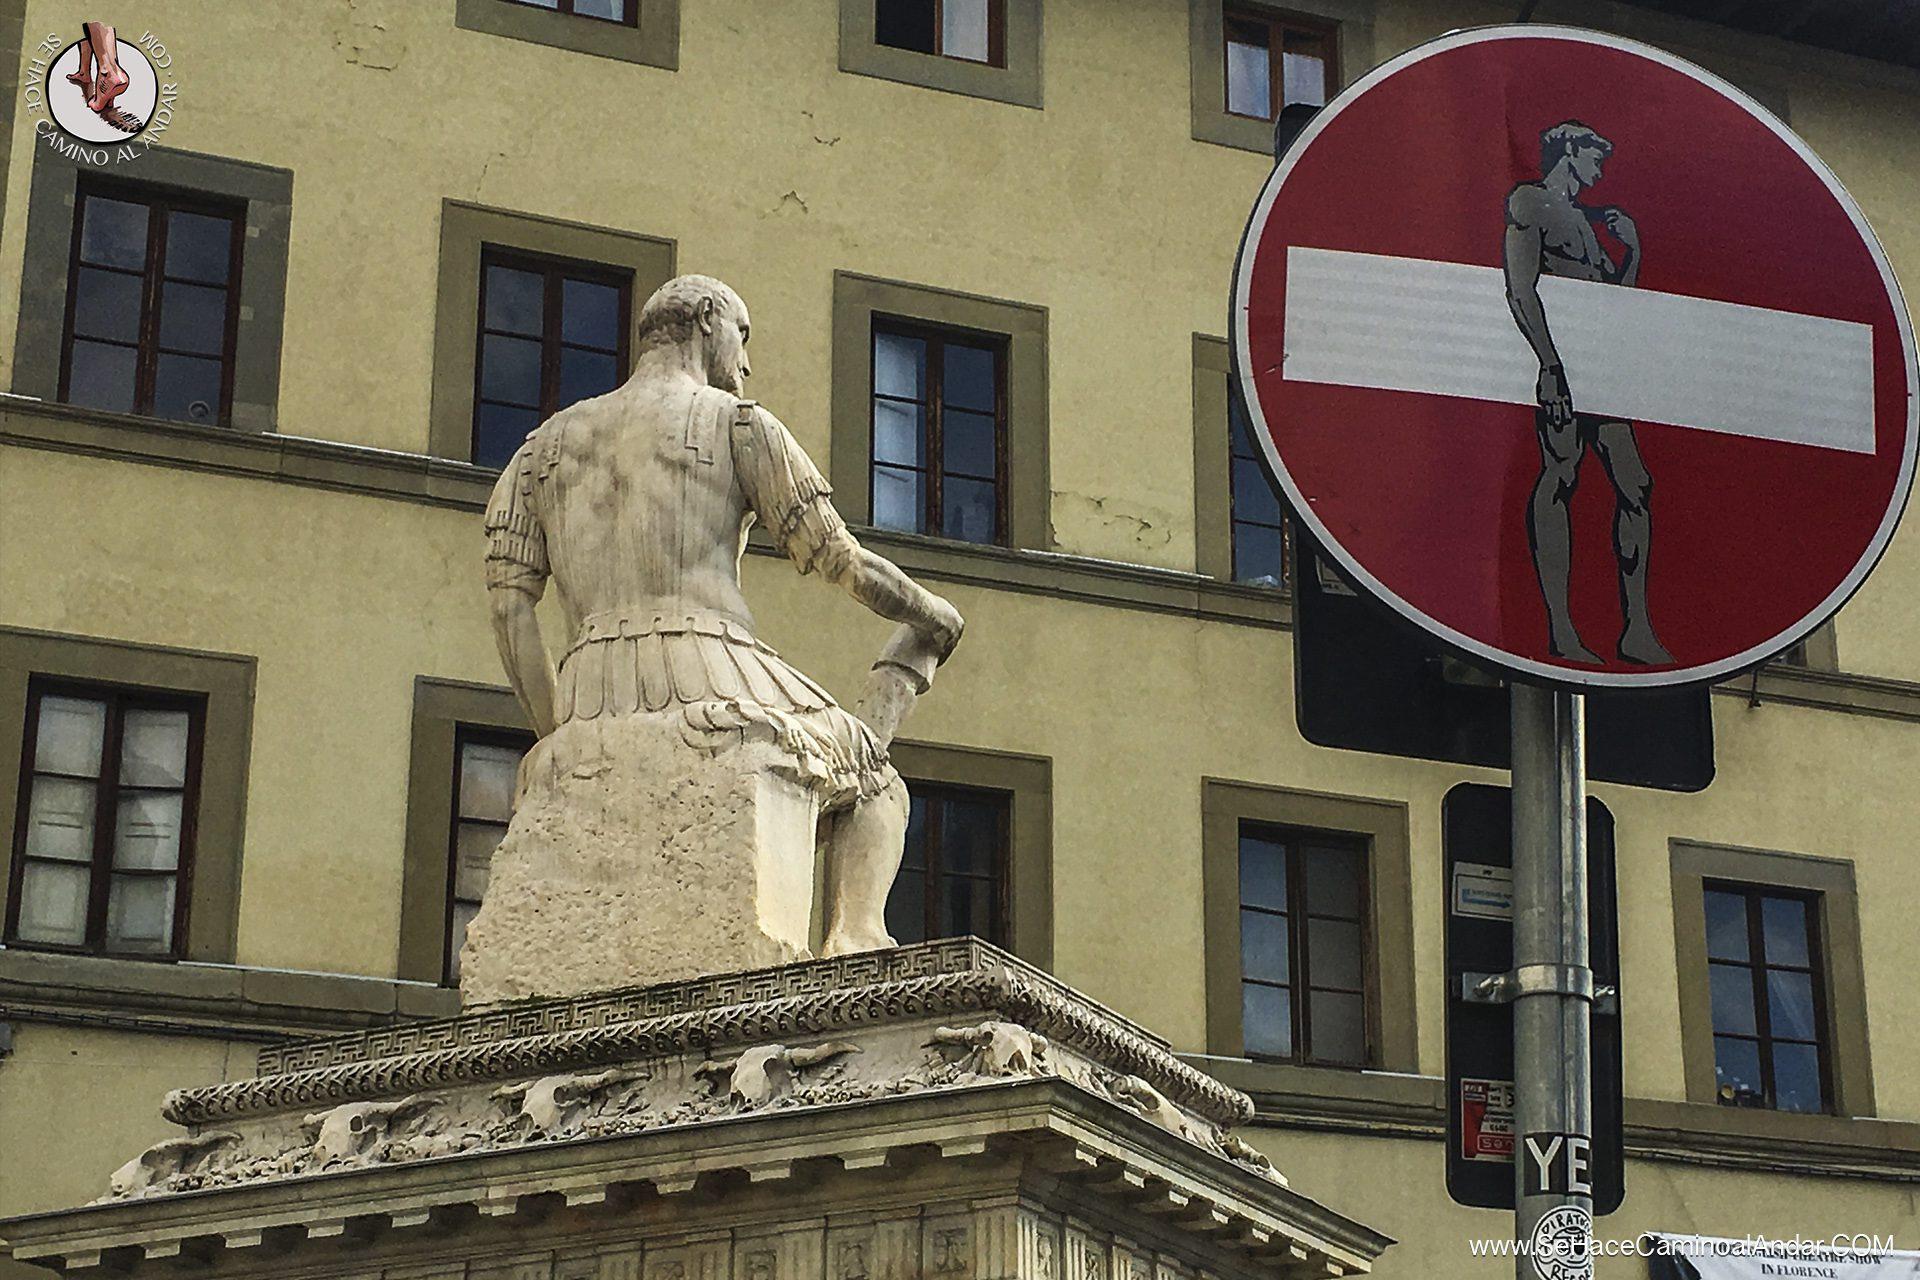 Las señales de tráfico de Clet Abraham en Florencia